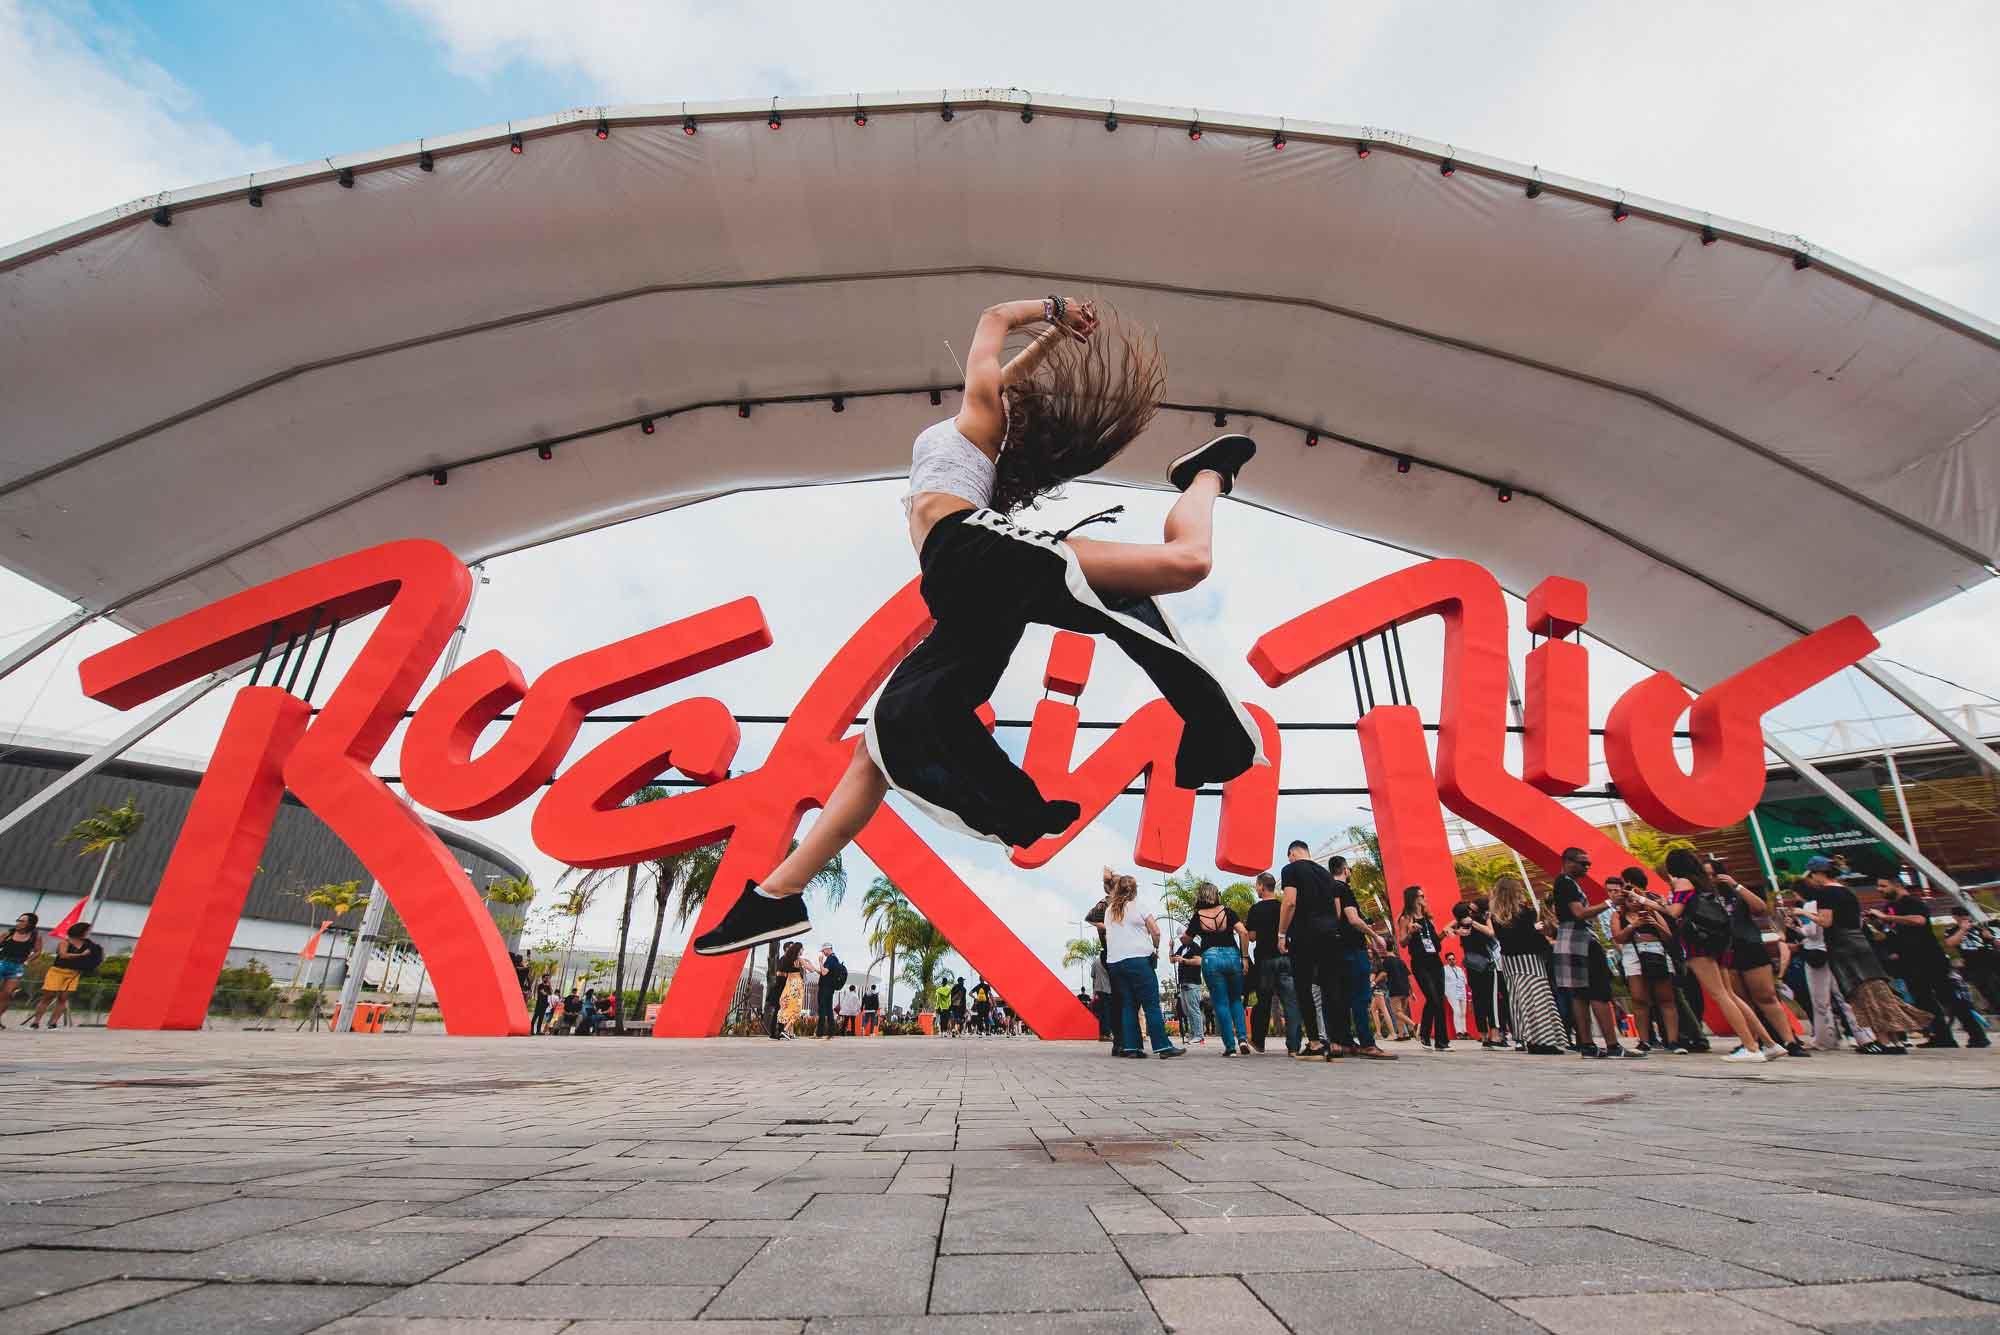 Imagem: Divulgação/Rock in Rio 2019 (Créditos: I Hate Flash)